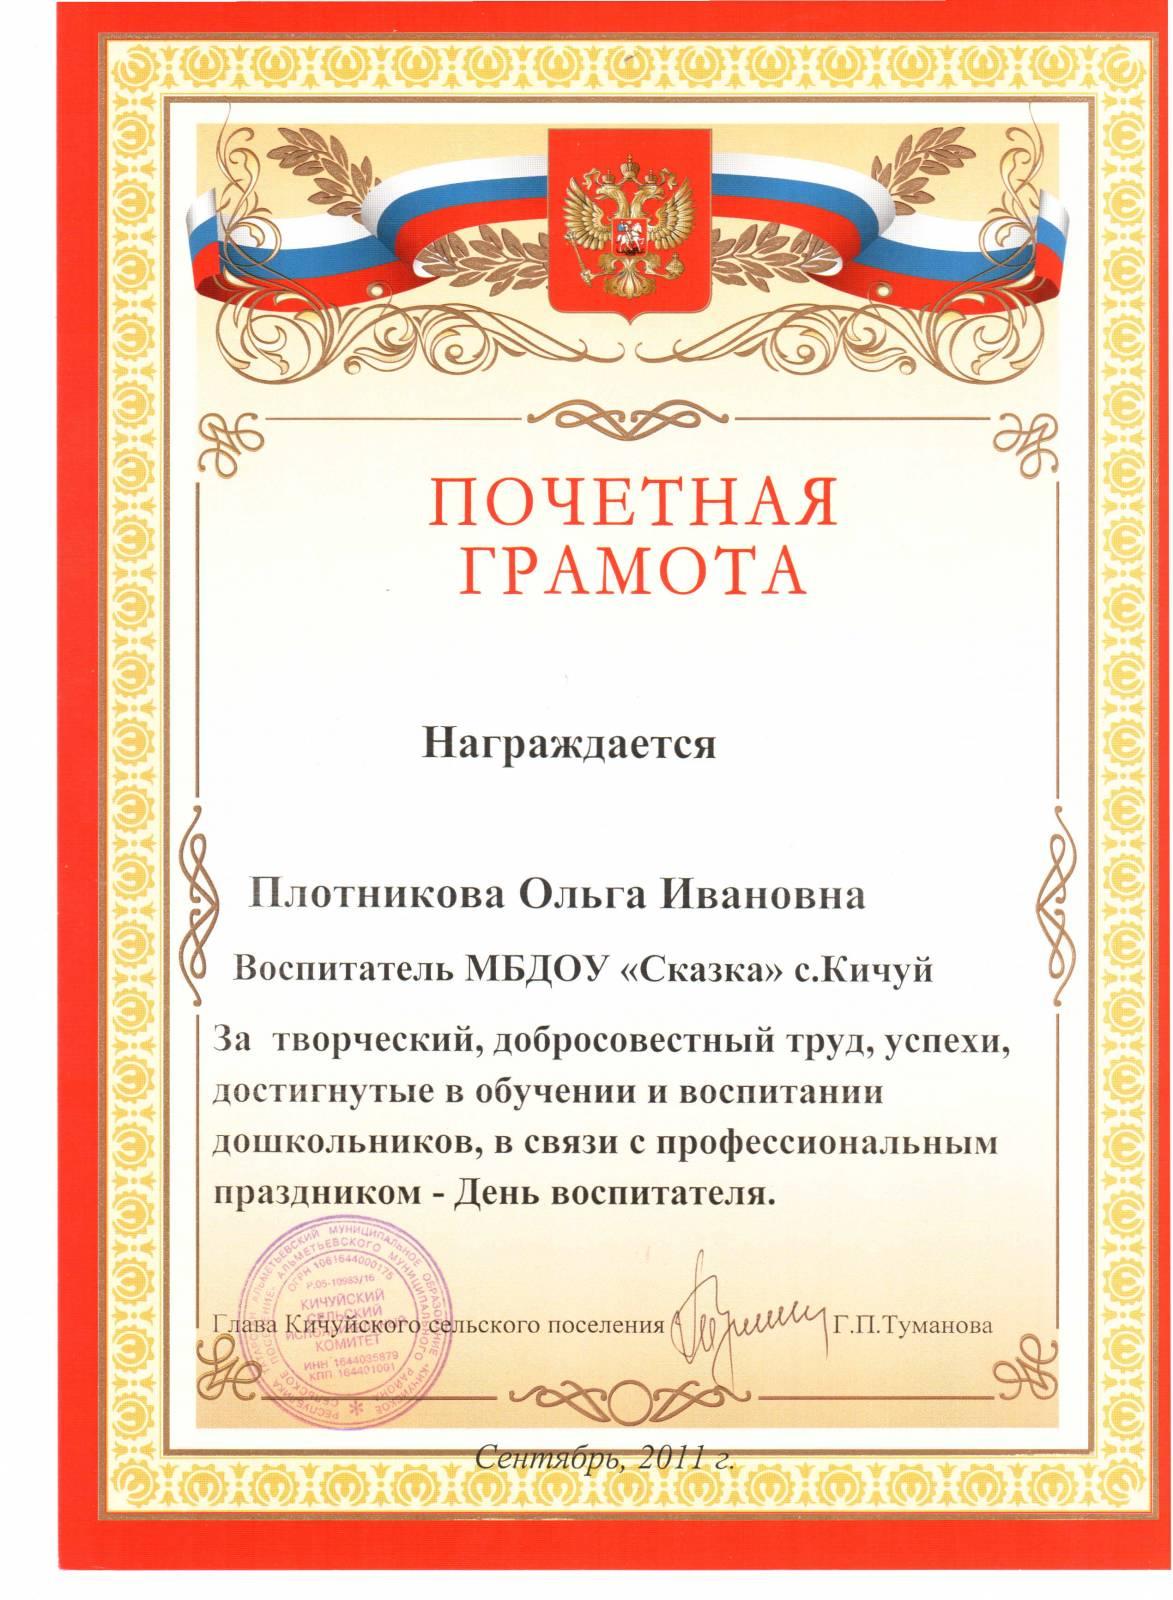 Поздравления за творческие успехи